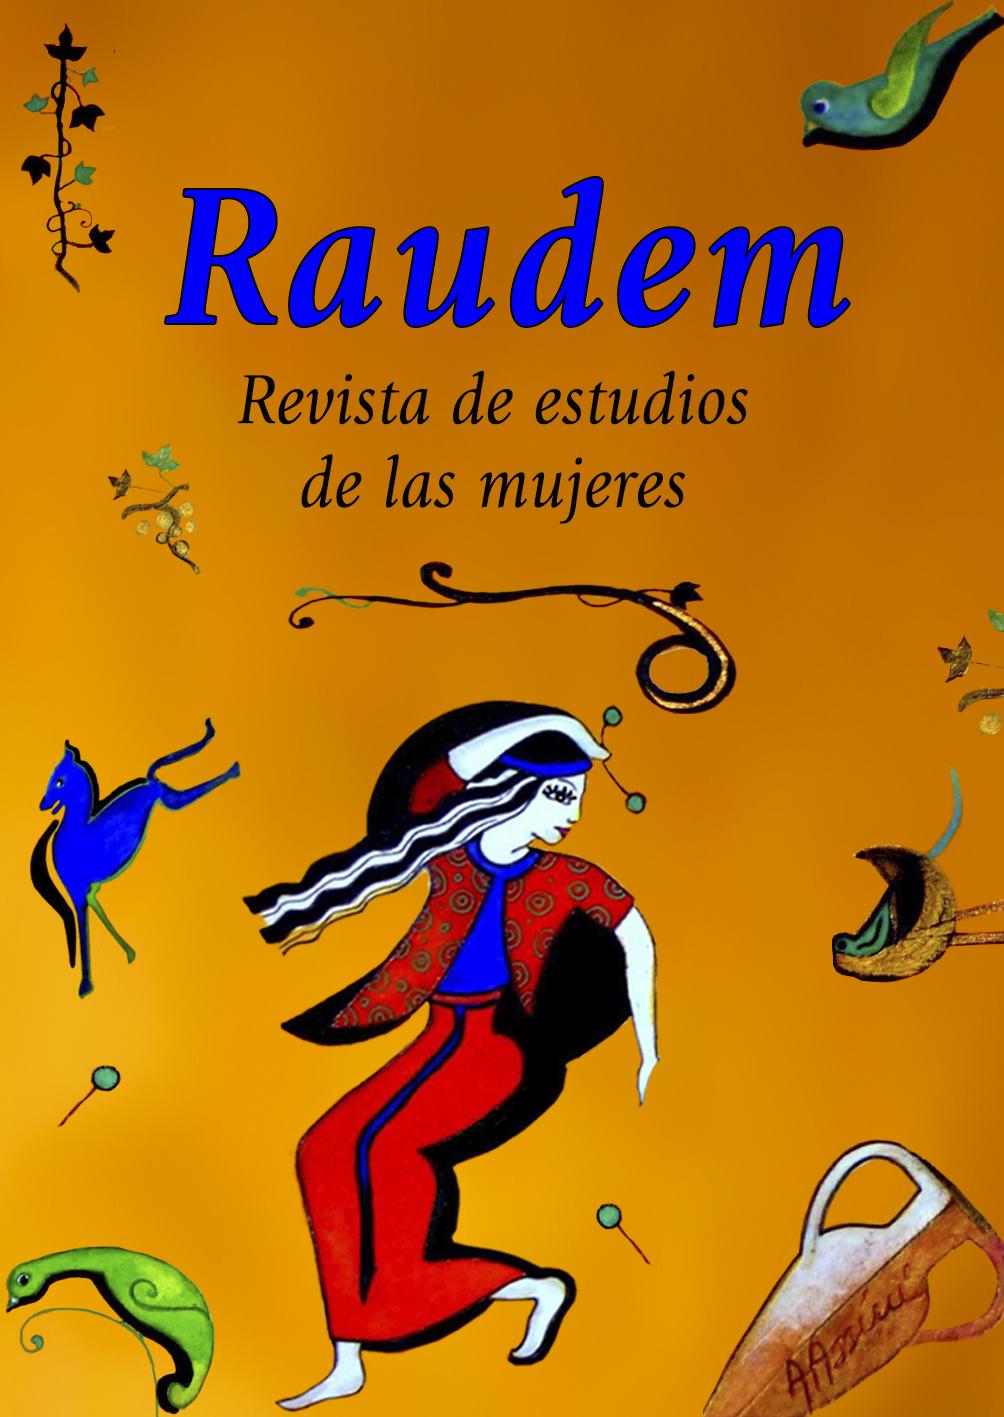 RAUDEM. Revista de Estudios de las Mujeres